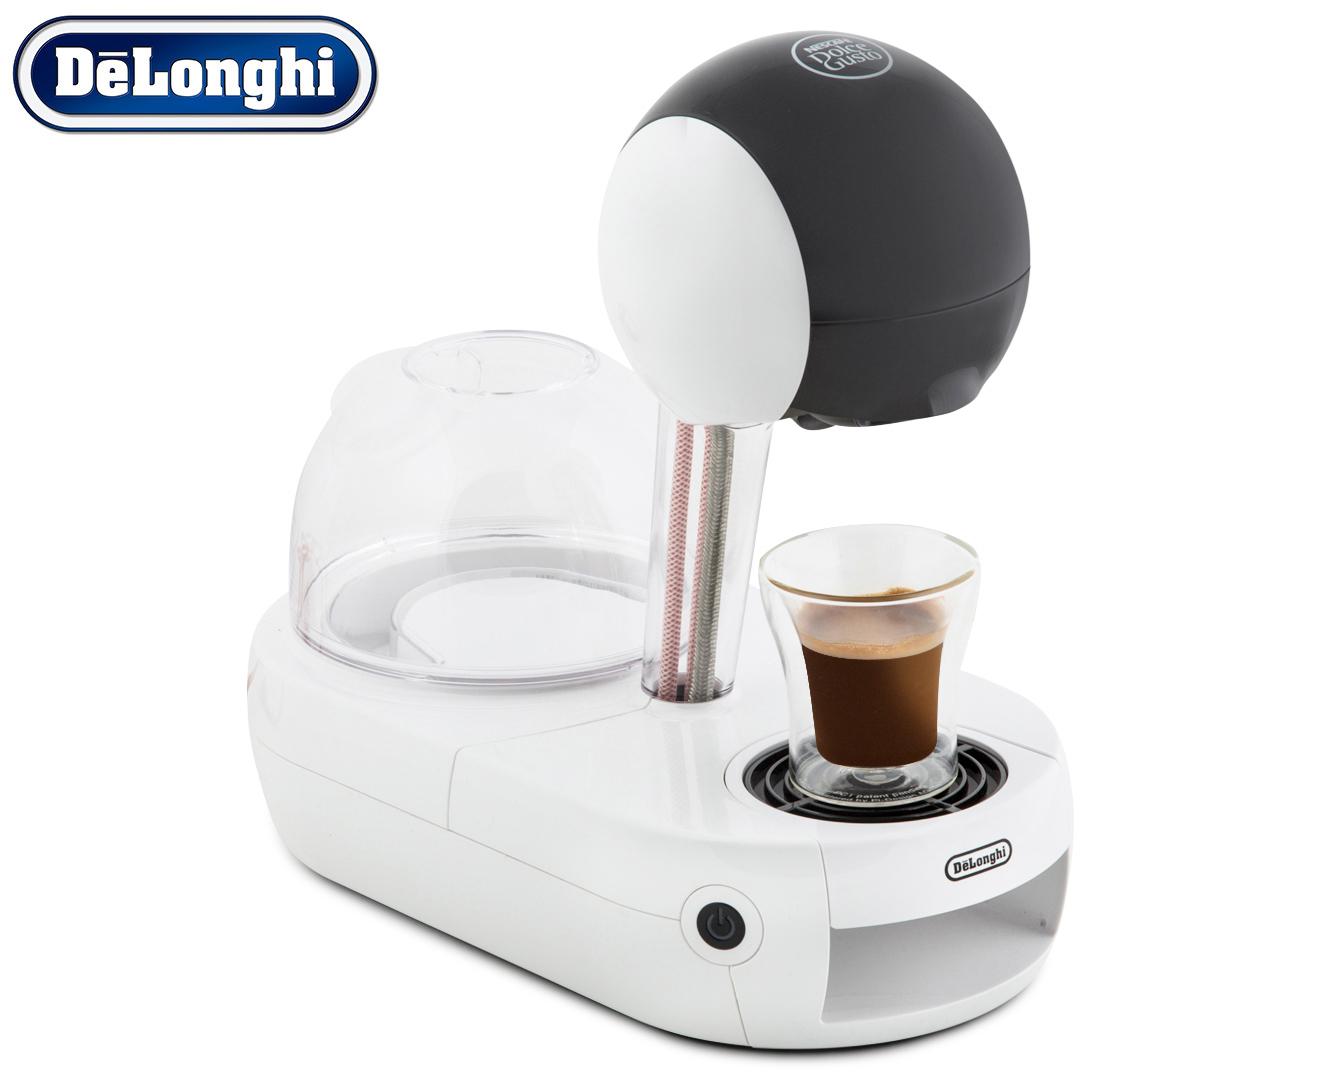 Delonghi Coffee Makers Nescafe Dolce G : CatchOfTheDay.com.au DeLonghi Nescafe Dolce Gusto Coffee Machine - White